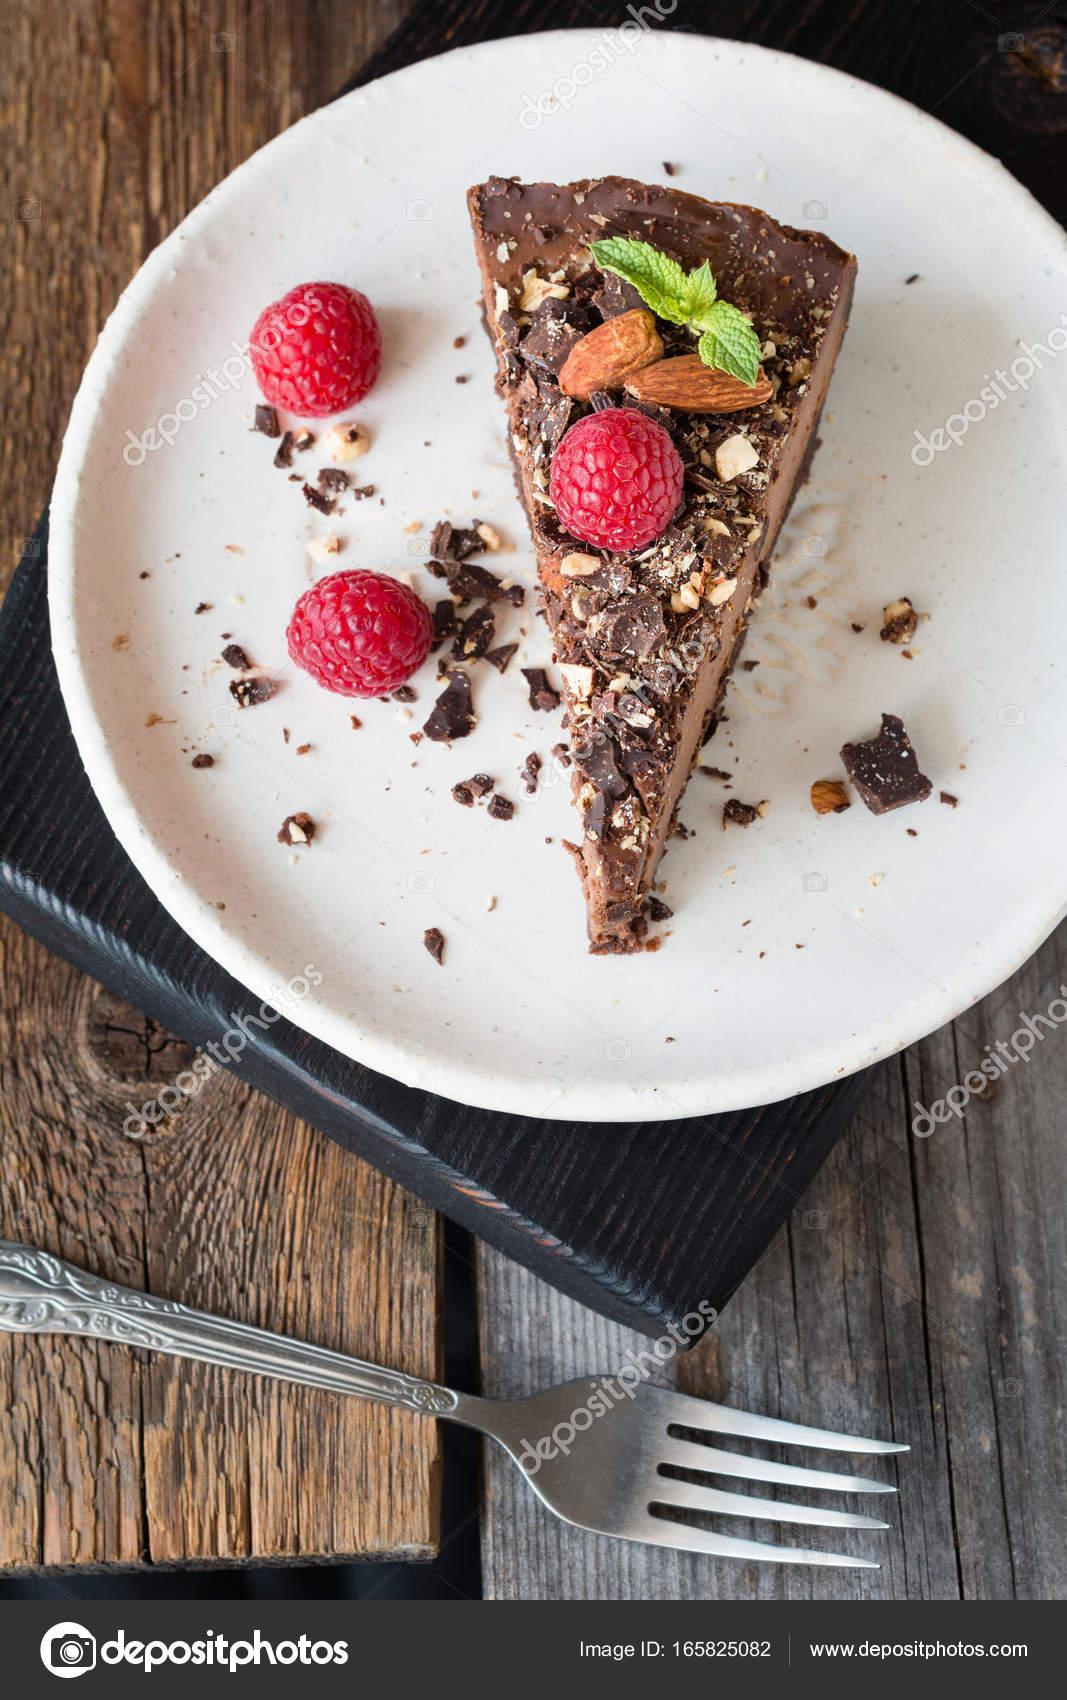 Schokoladen Kasekuchen Mit Mandeln Himbeeren Und Minze Stockfoto